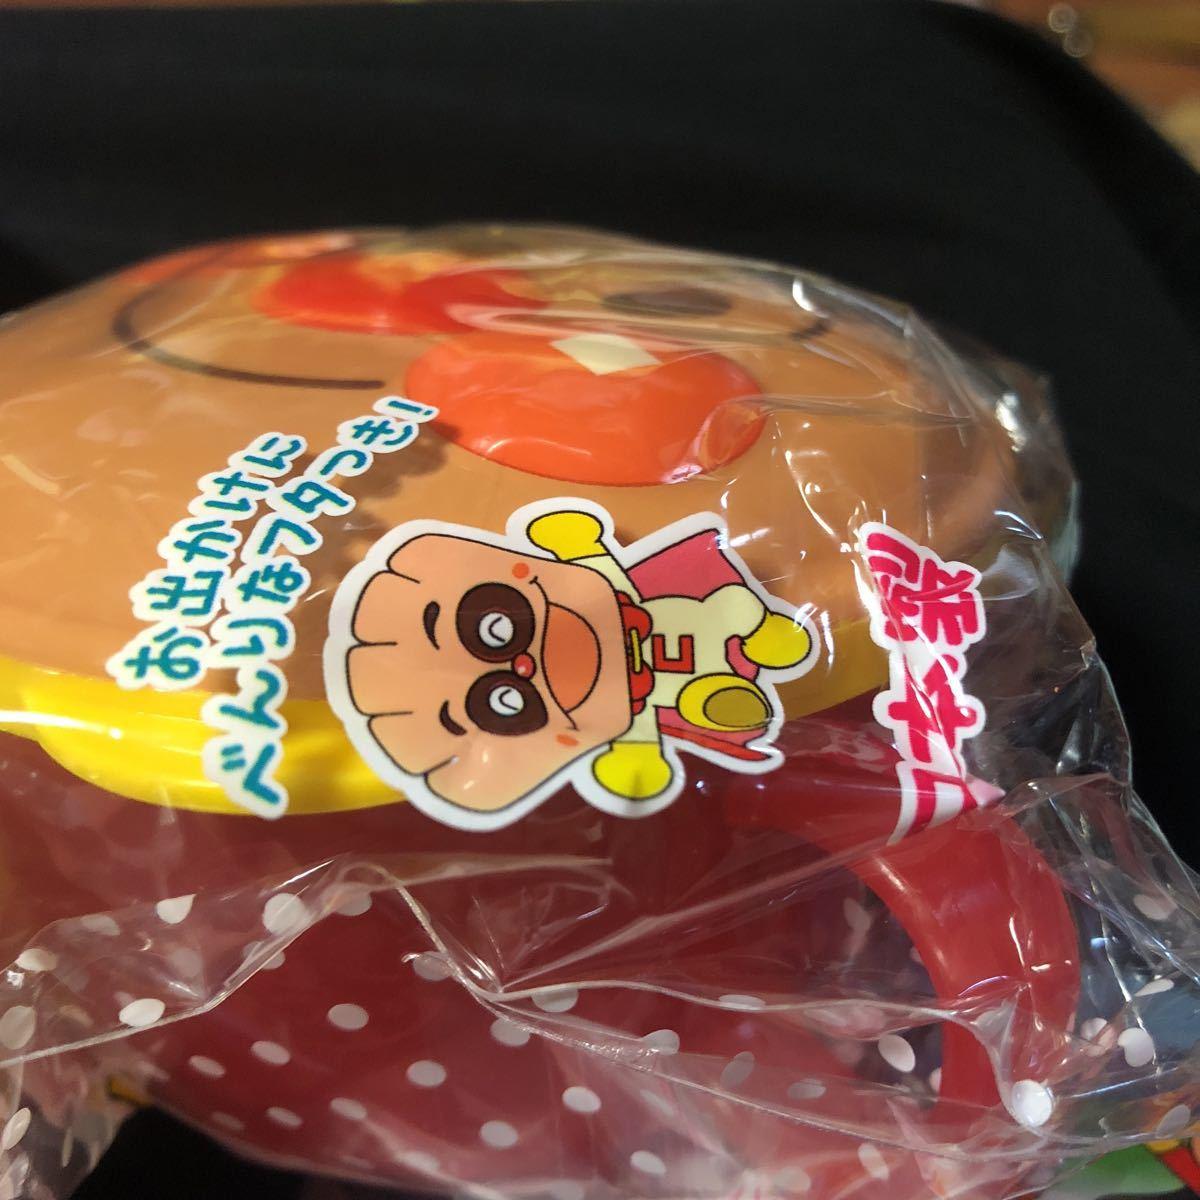 アンパンマン お椀 ボーロカップ デザートケース タッパー_画像4